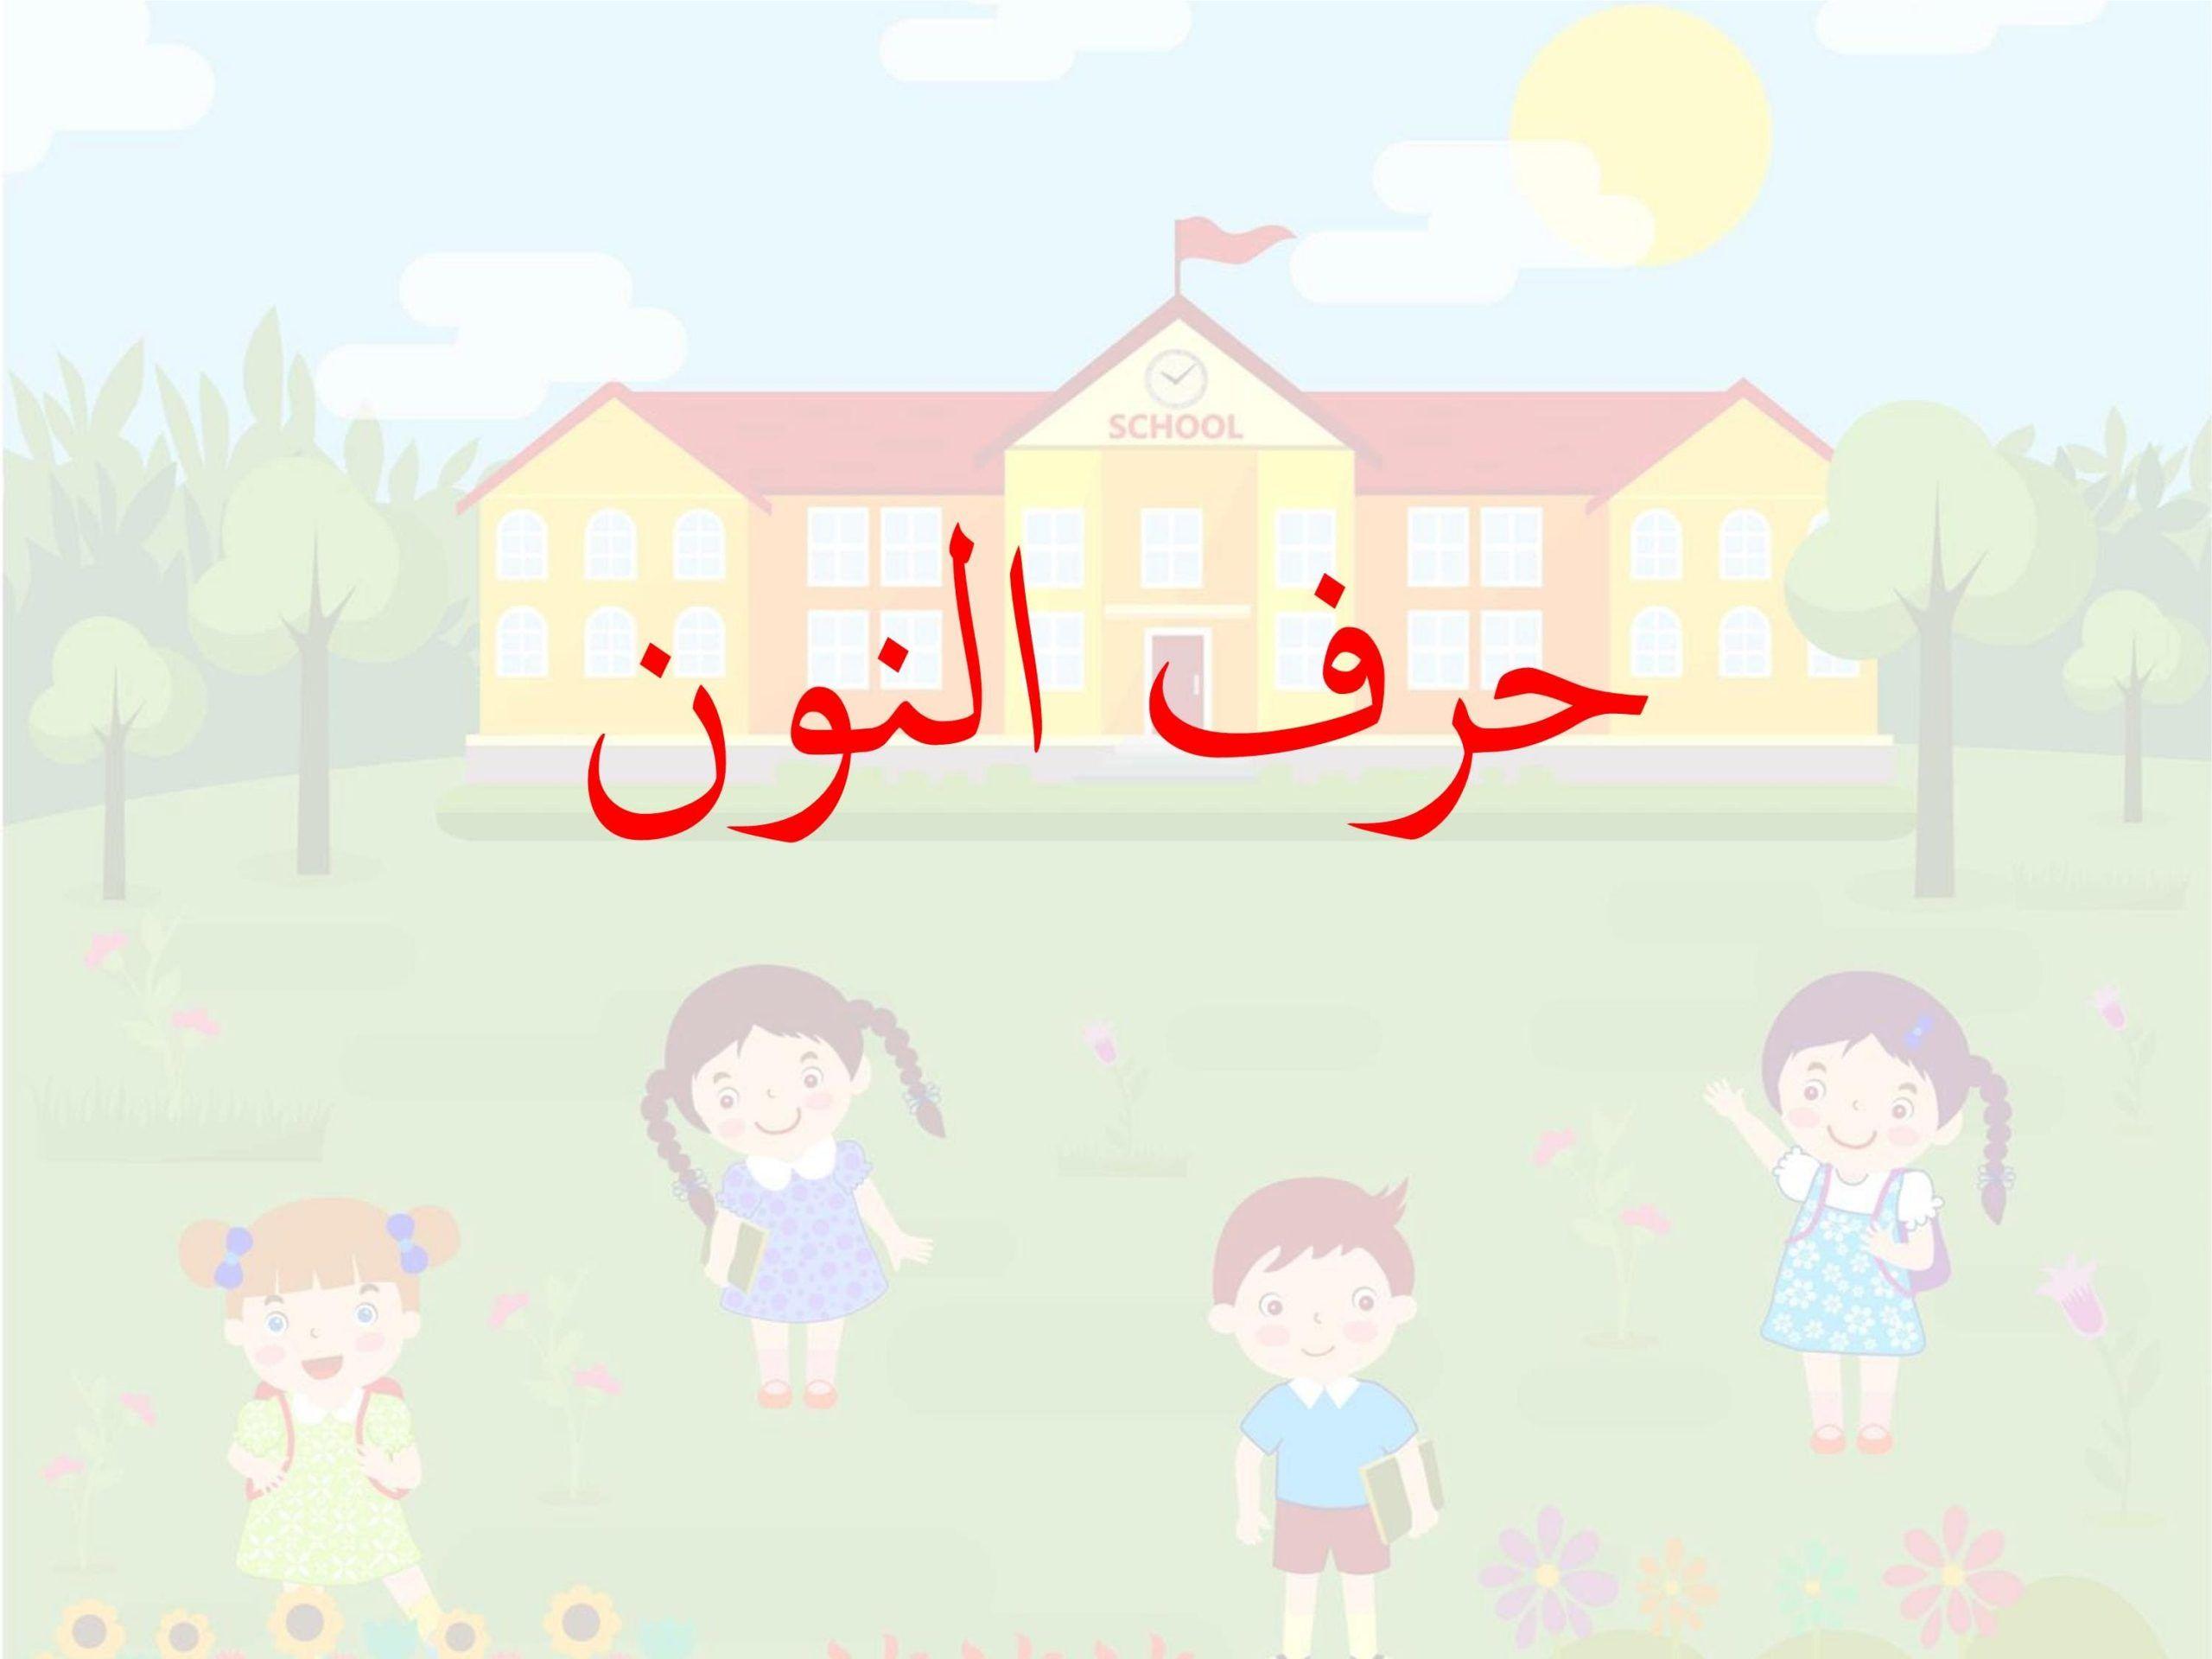 حرف النون بالحركات القصيرة و الطويلة لتعليم الاطفال Family Guy Character School